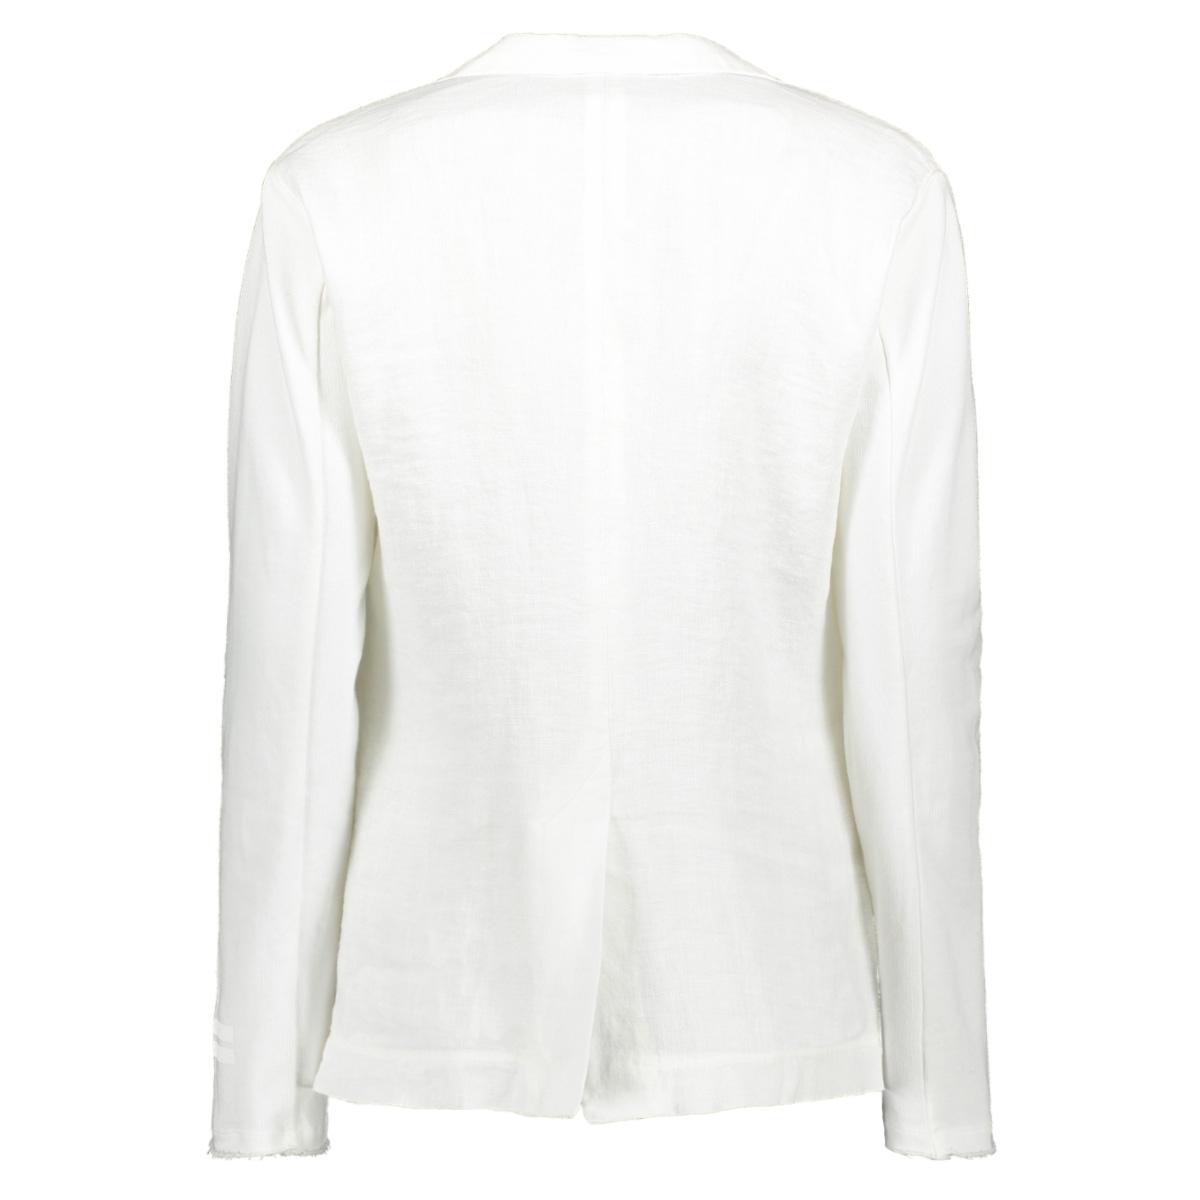 blazer linen 20 504 0201 10 days blazer 1001 white